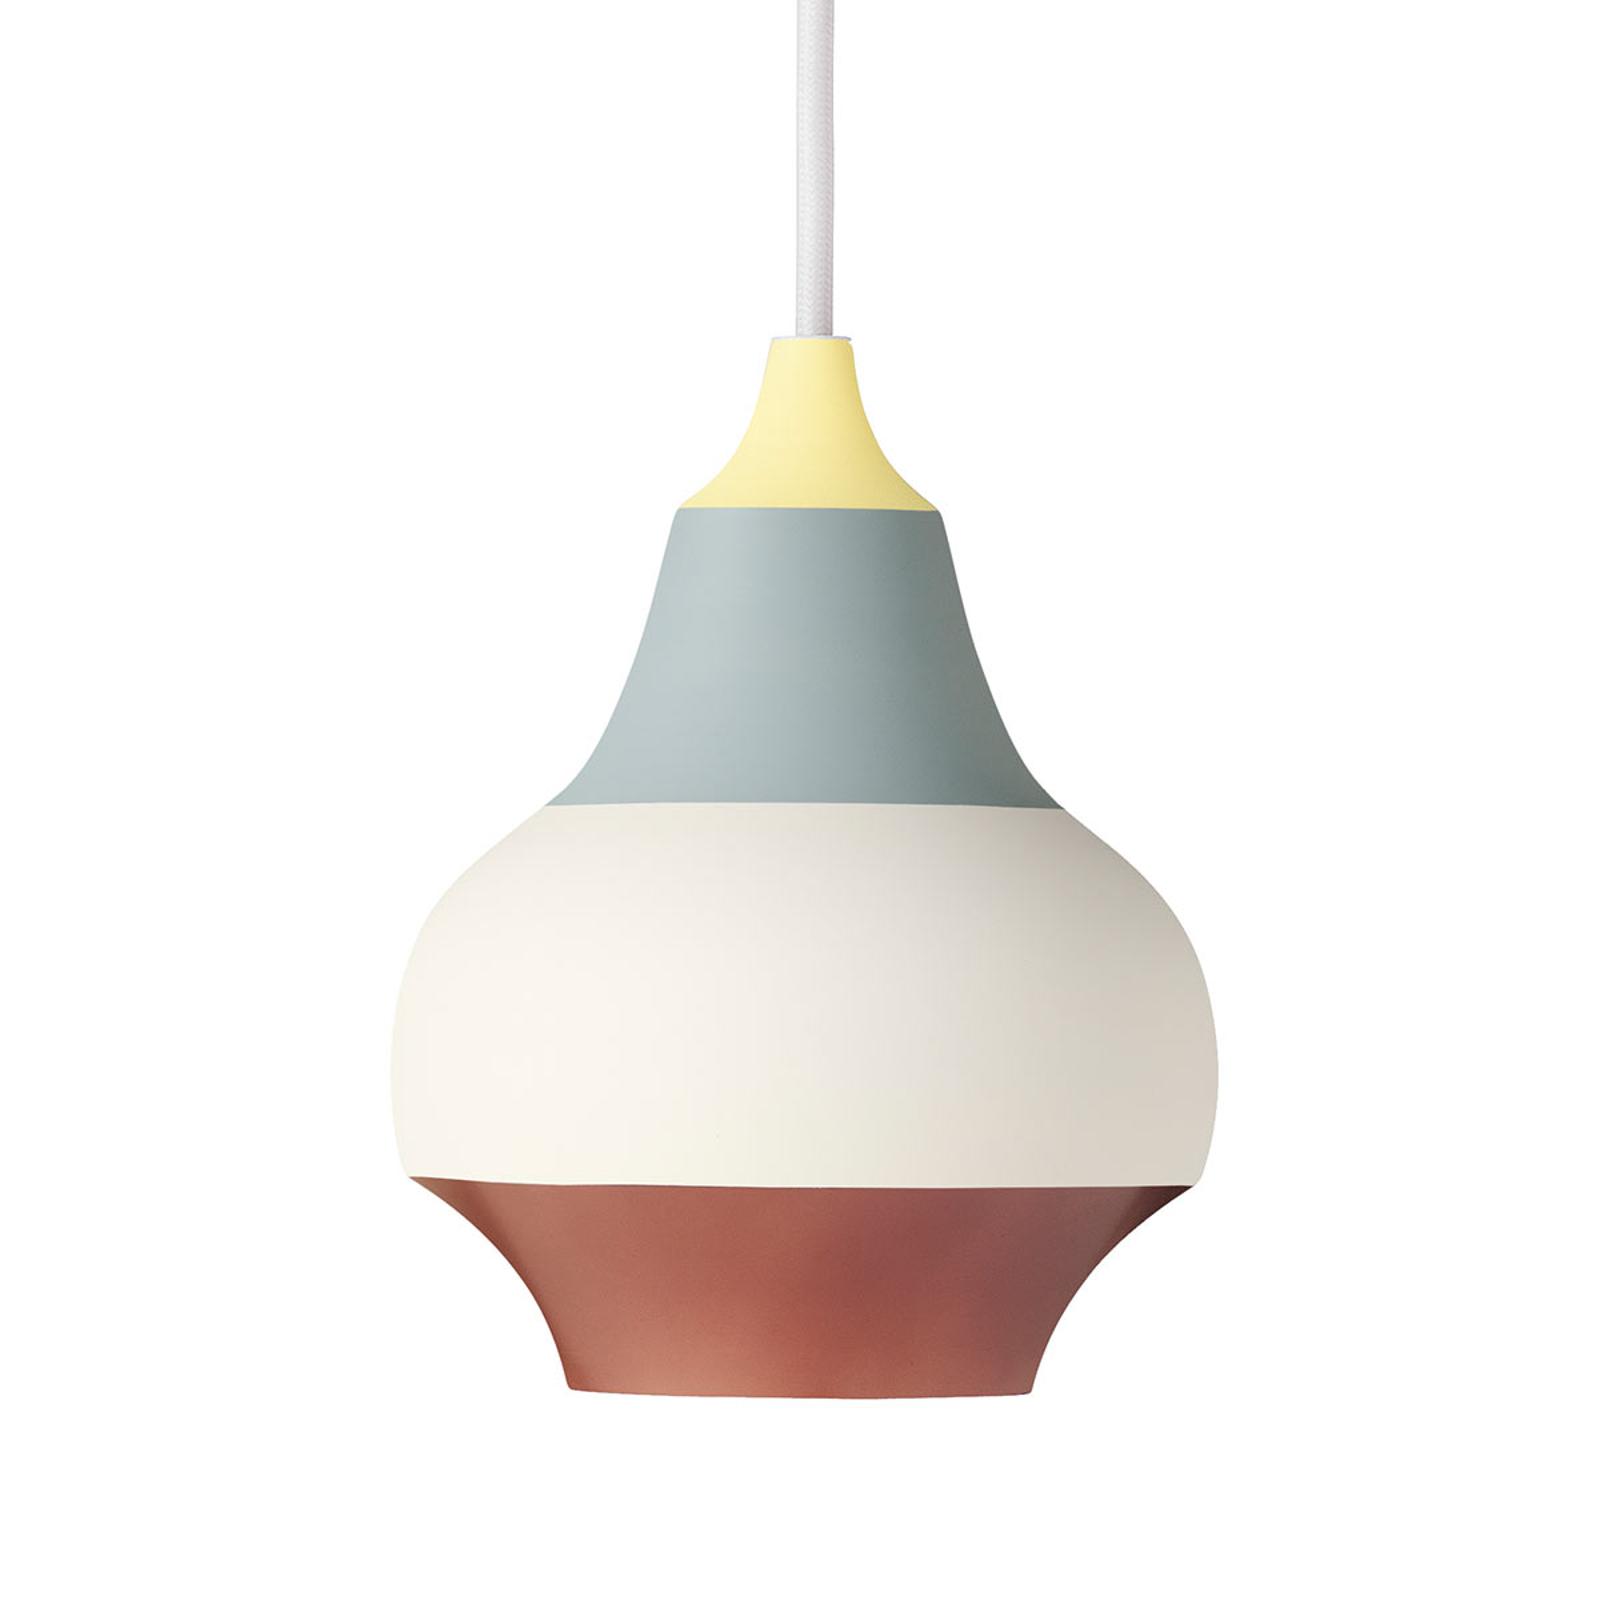 Louis Poulsen Cirque hanglamp, geel, 15 cm